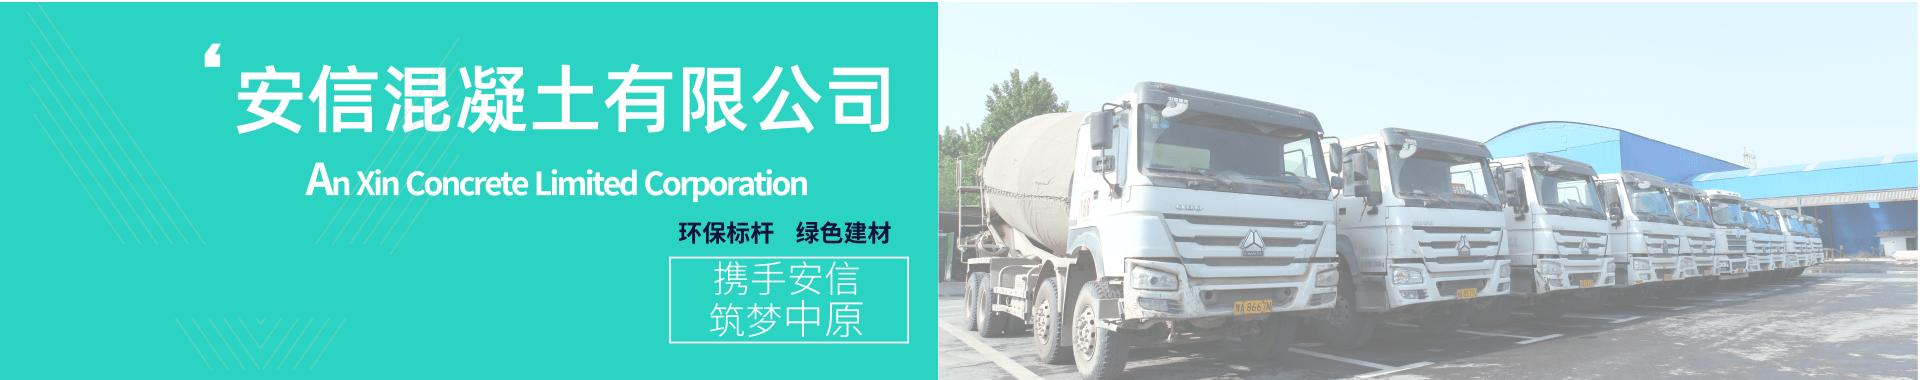 关于郑州安信混凝土有限公司